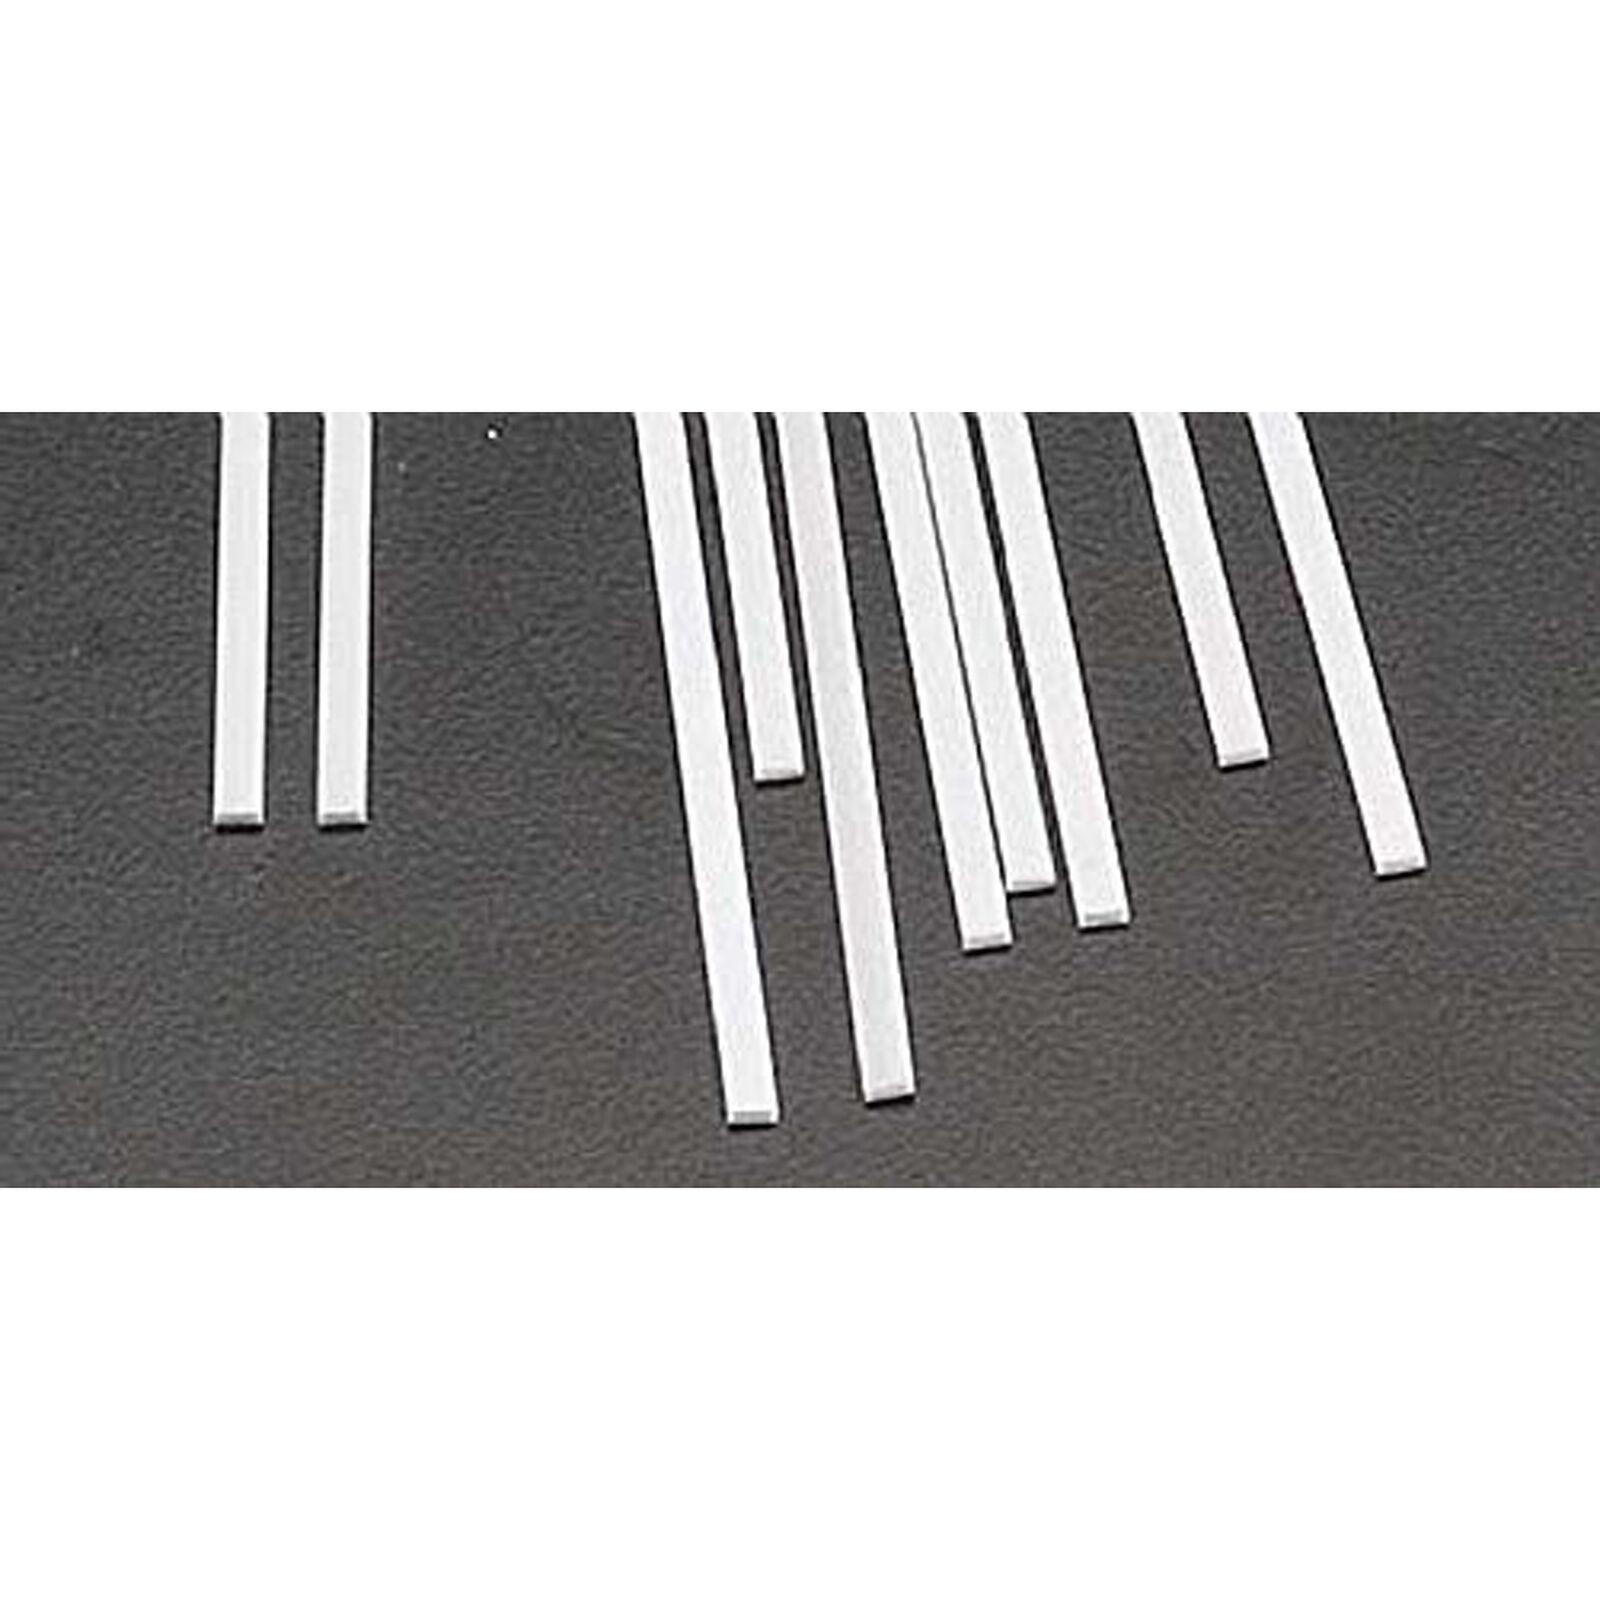 MS-308 Rect Strip,.030x.080 (10)